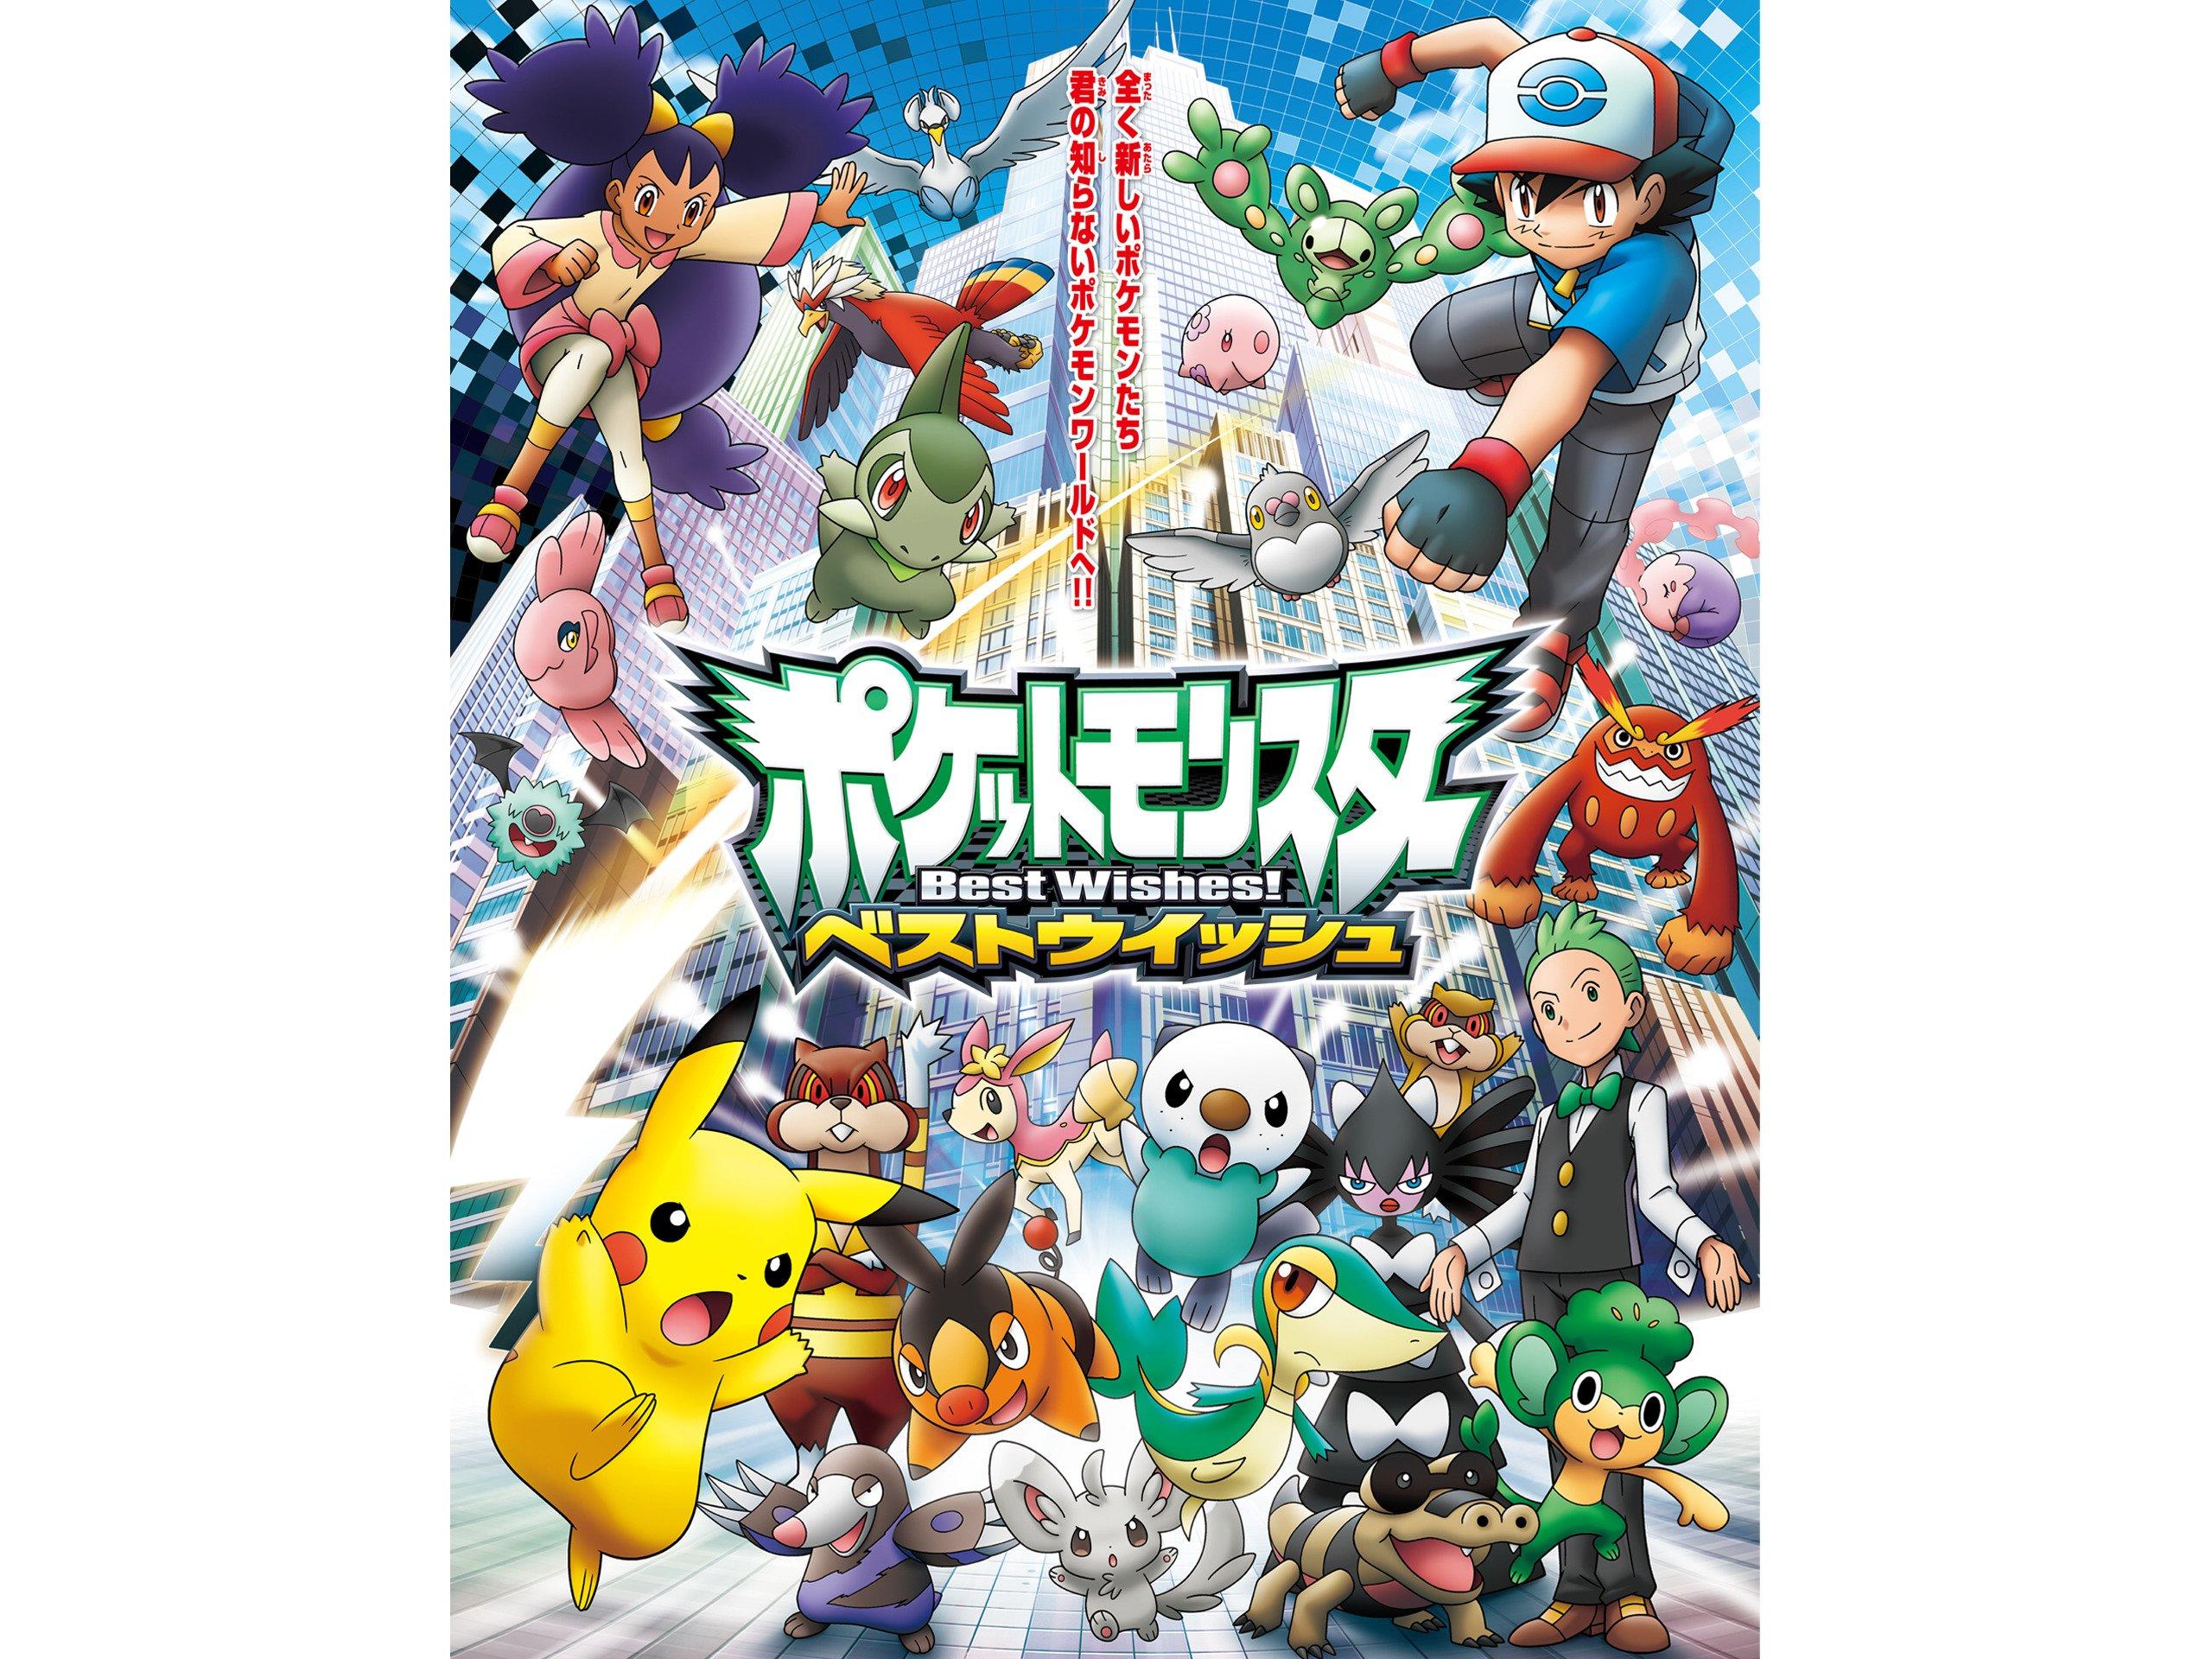 664ddc84f9e2 Amazon.co.jp: ポケットモンスターベストウイッシュを観る   Prime Video